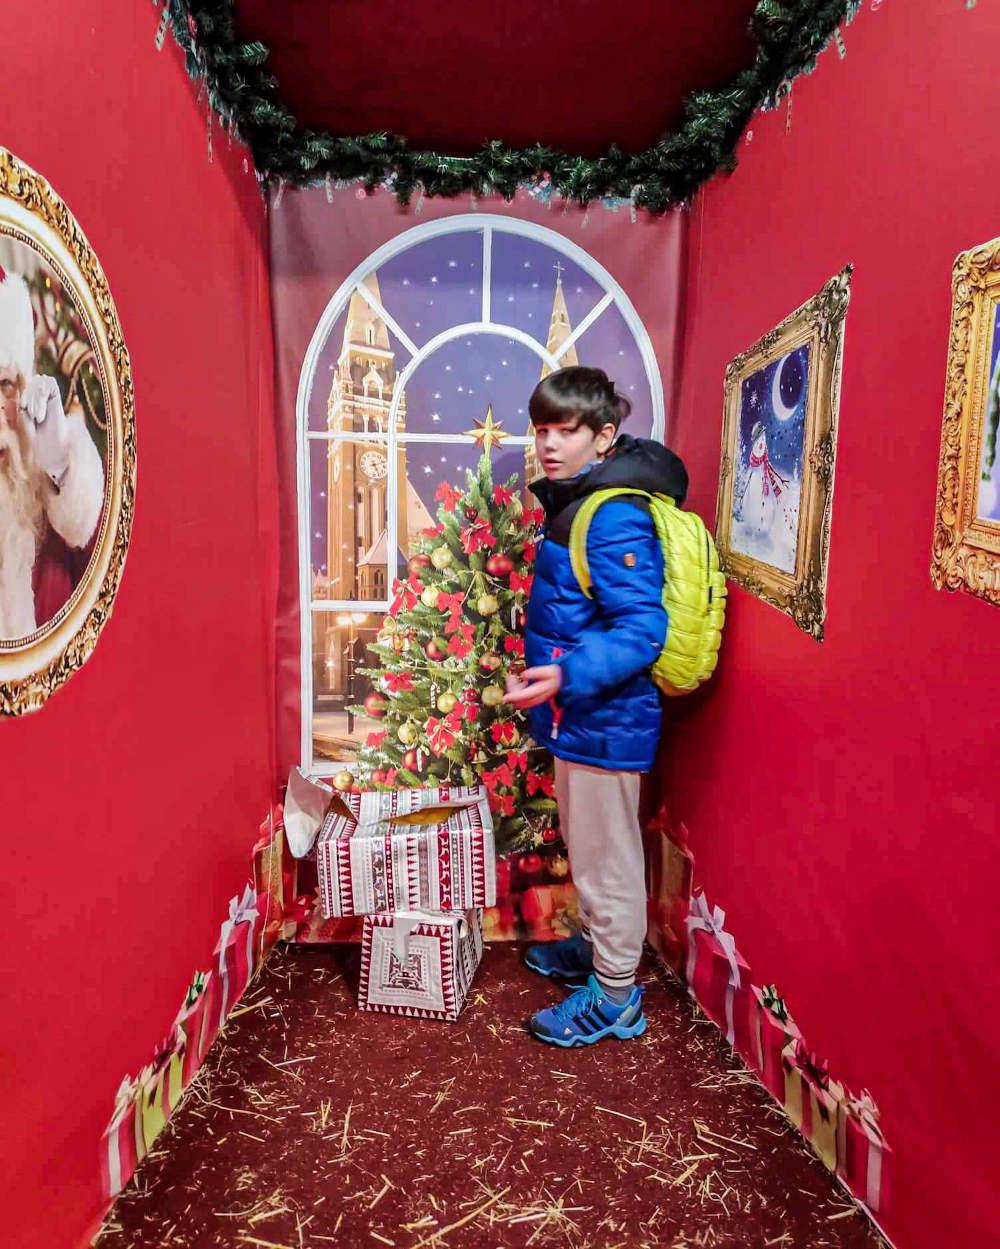 Božično slikanje u Zamku iz bajke u Segedinu